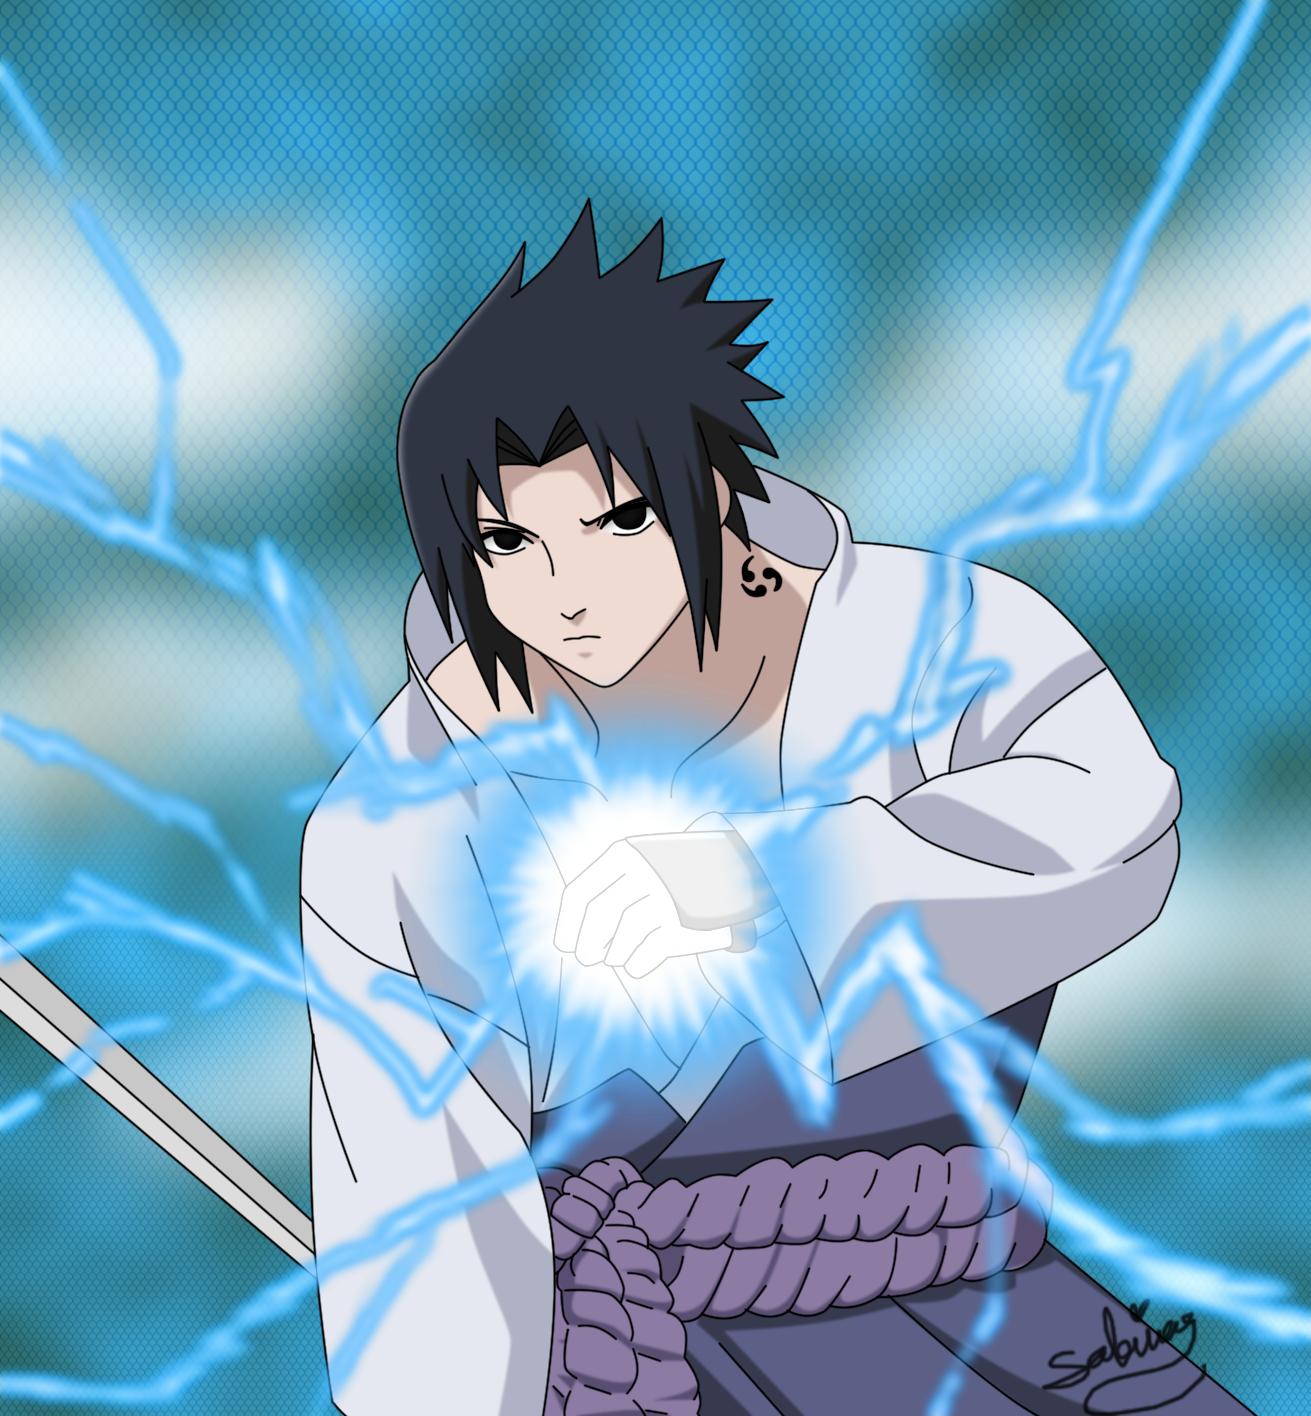 Uchiha Sasuke with Chidori by Garnboll on DeviantArt